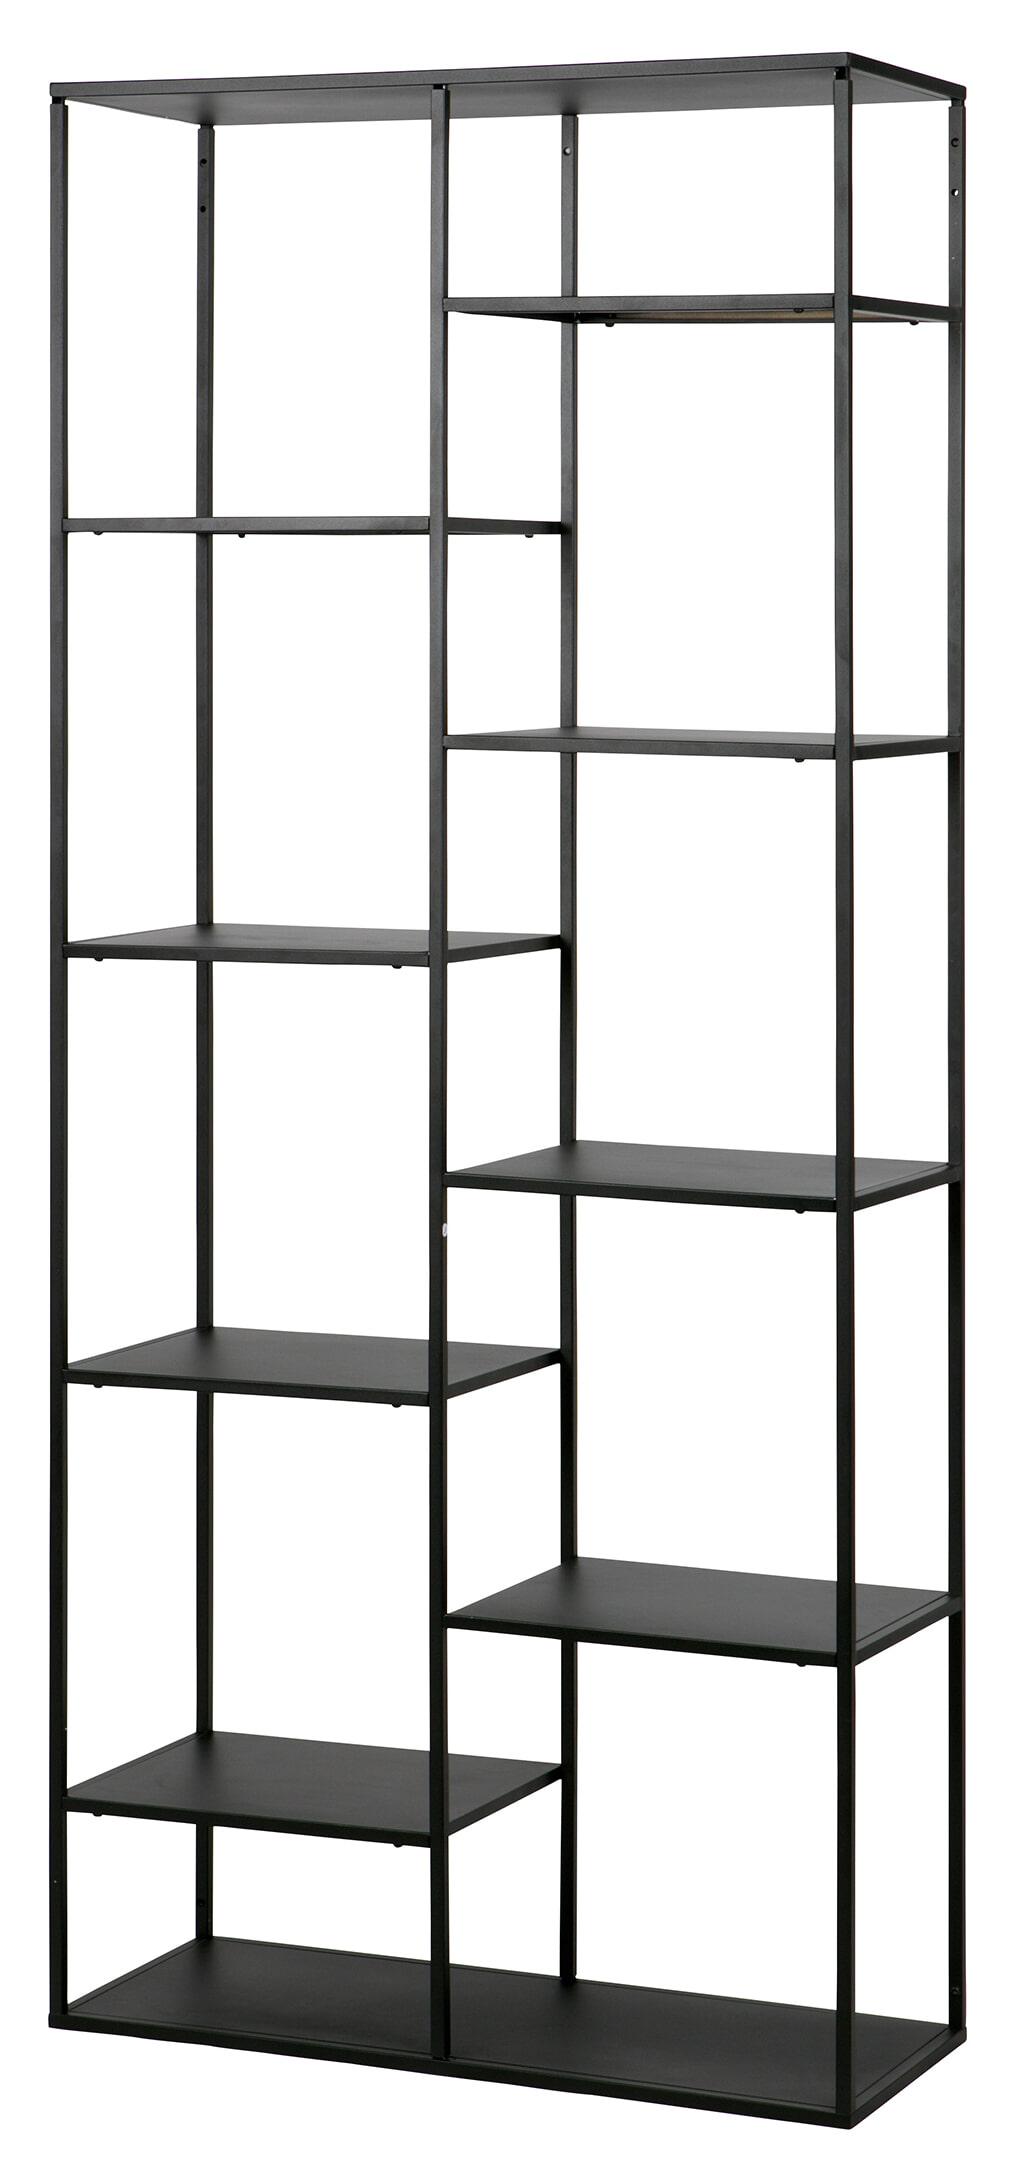 WOOOD Metalen Wandrek 'June' 85cm, kleur Zwart Metaal in kleur zwart gelakt aanschaffen? Kijk hier!